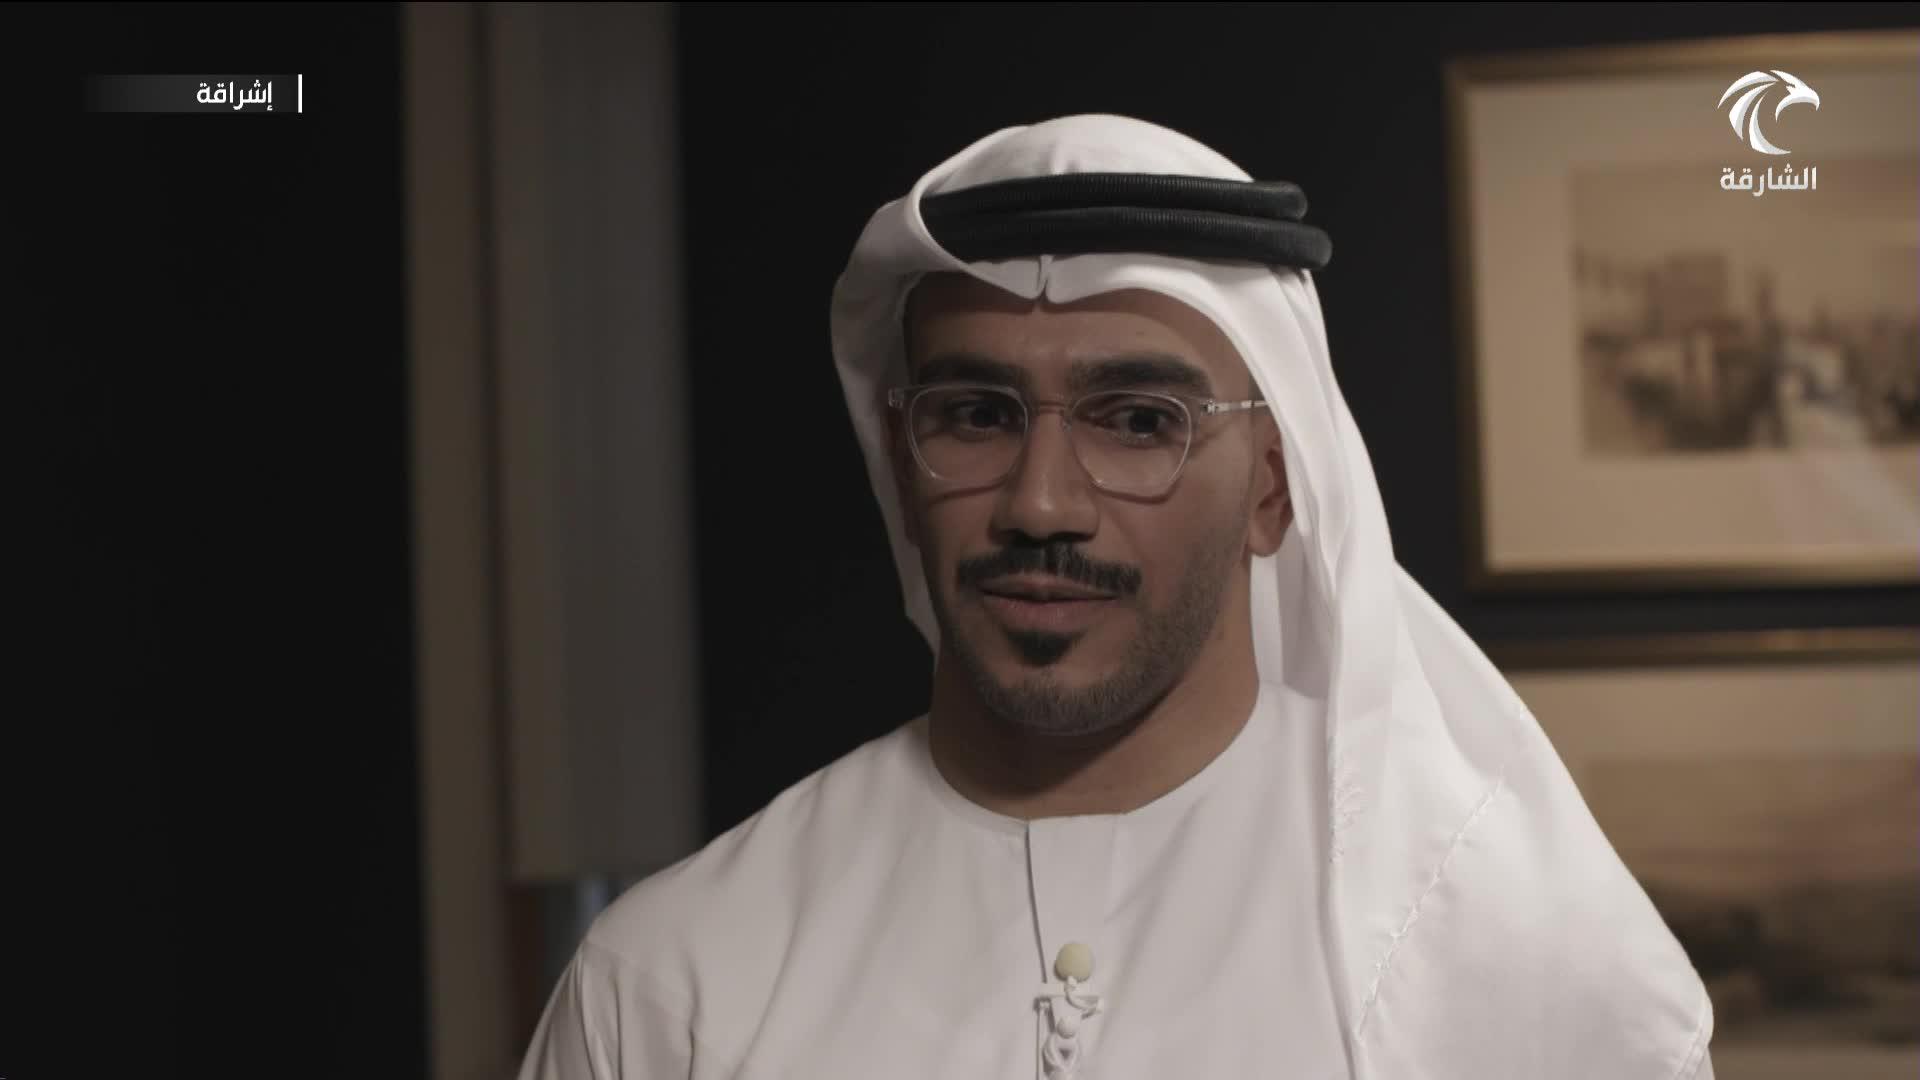 الفنان التشكيلي جمعة عبدالله الحاج